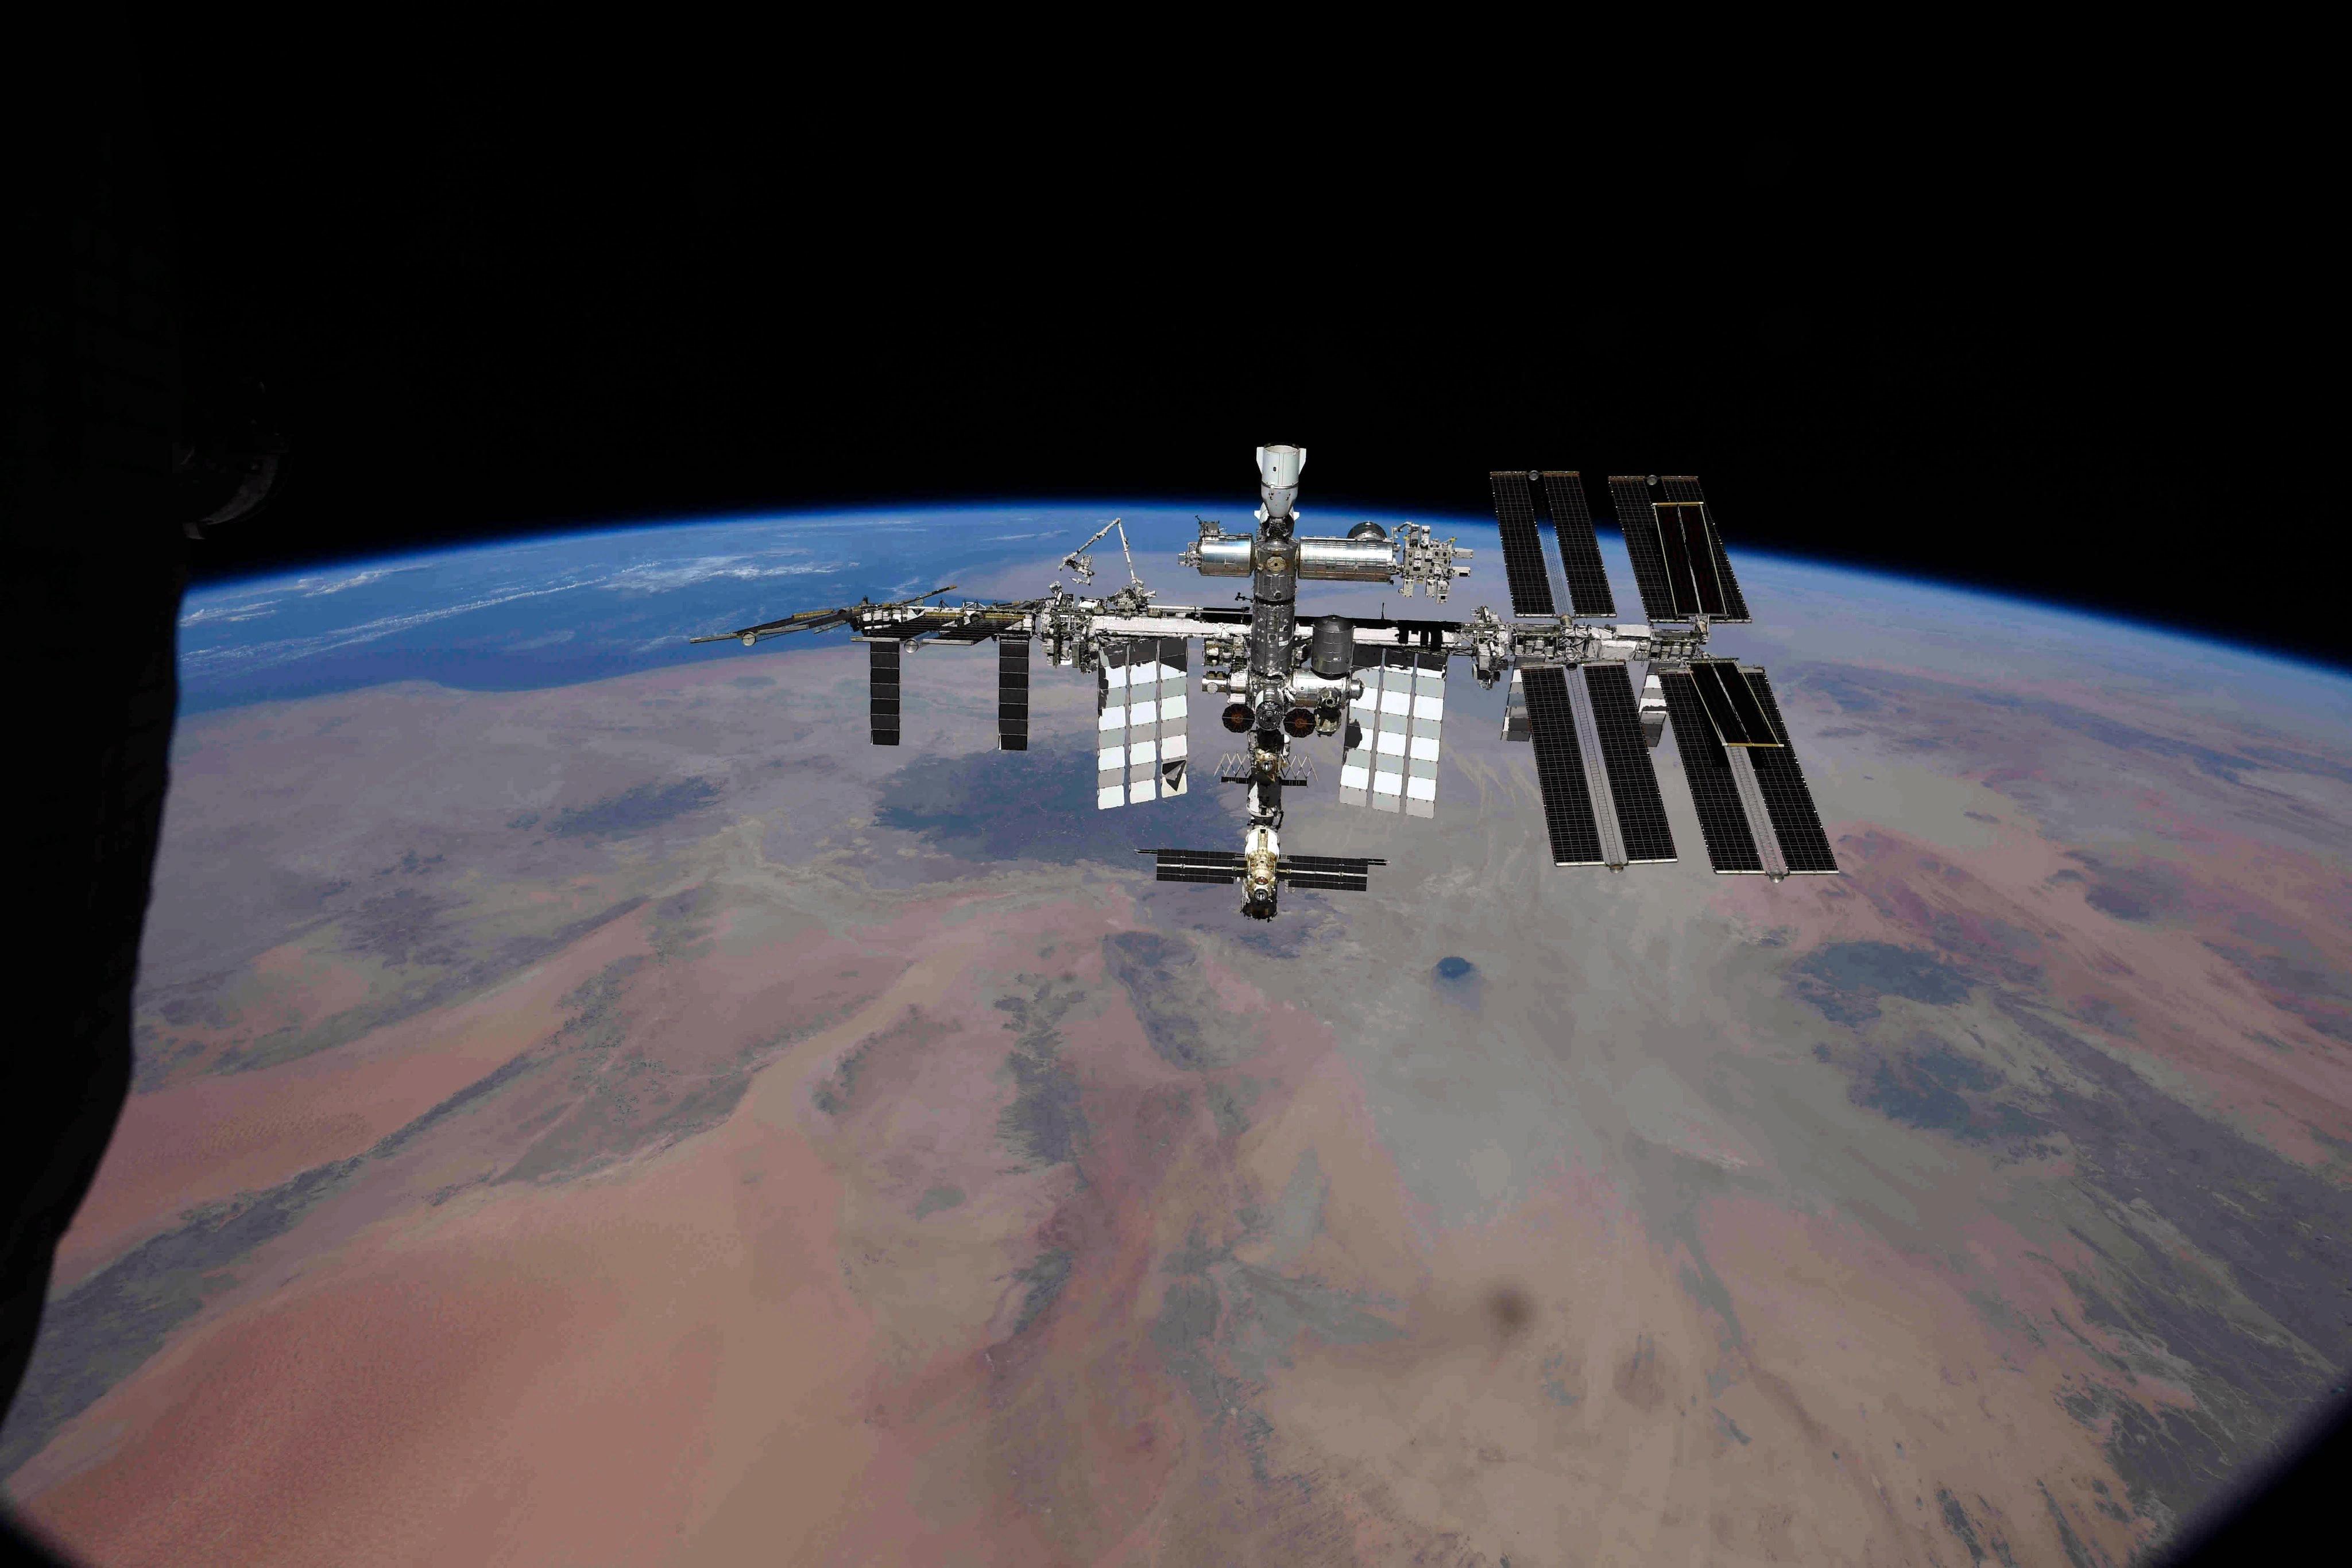 над Сахарой, МКС с надира